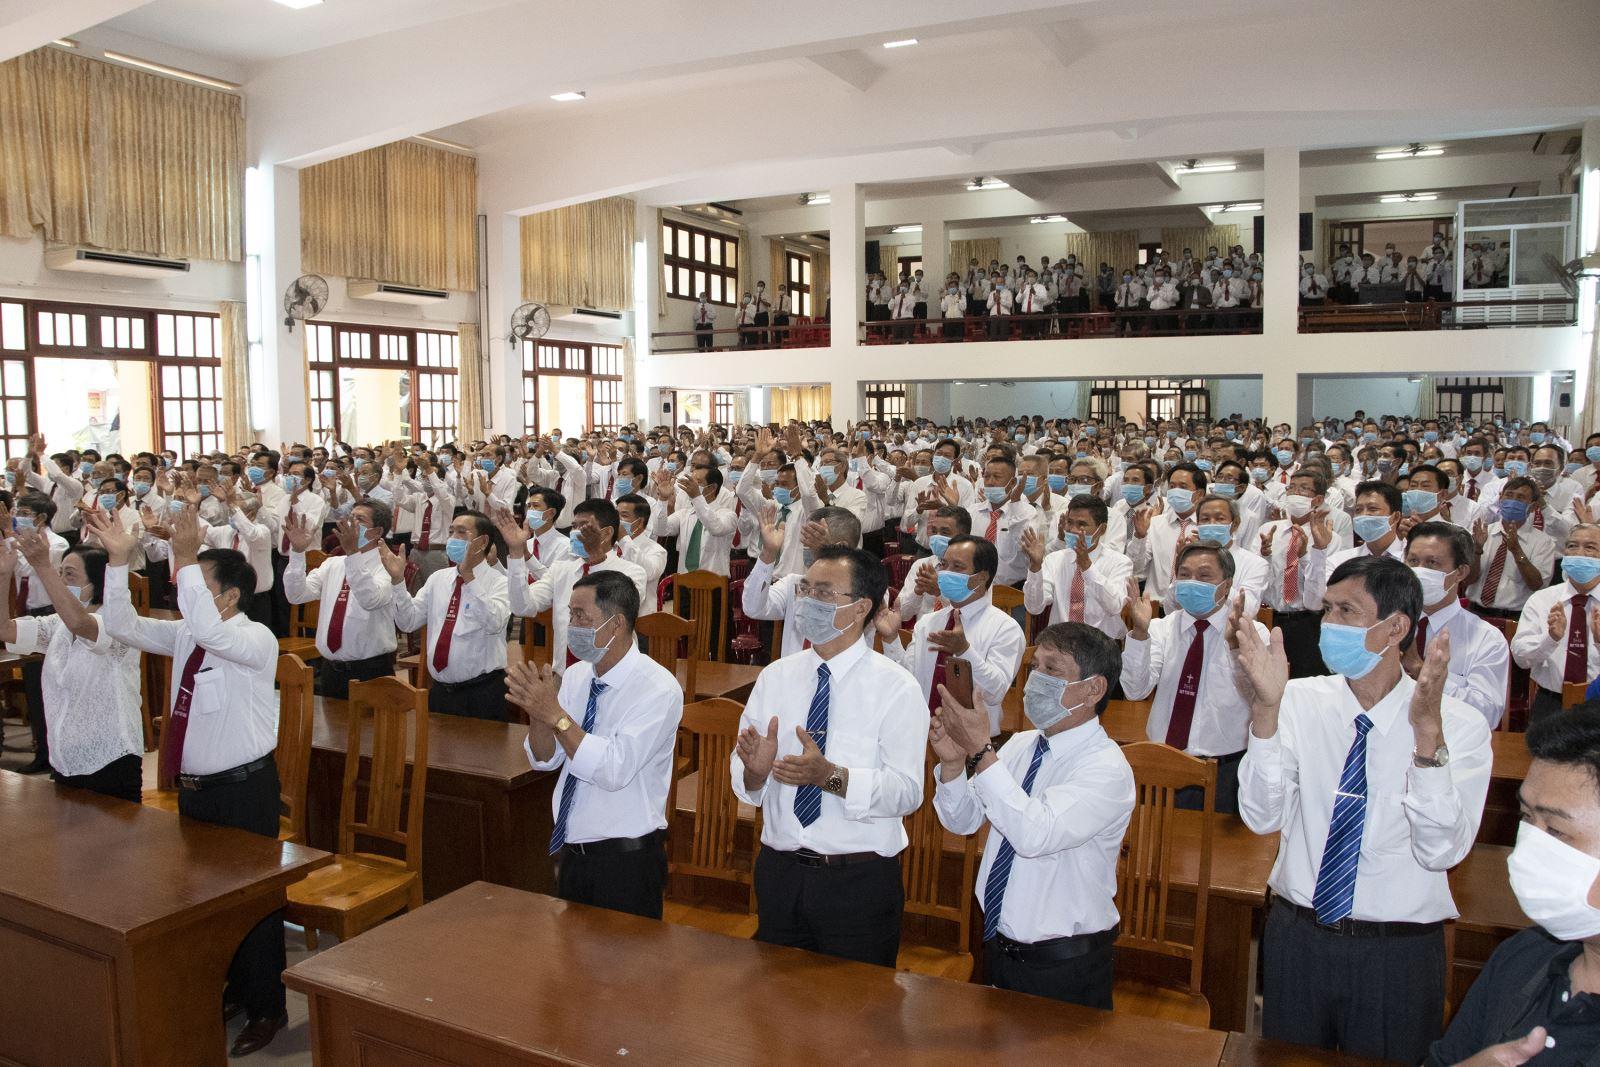 Ngày họp mặt truyền thống, Chúc Tết quý Đức Cha của Ban Hành Giáo Giáo Phận.